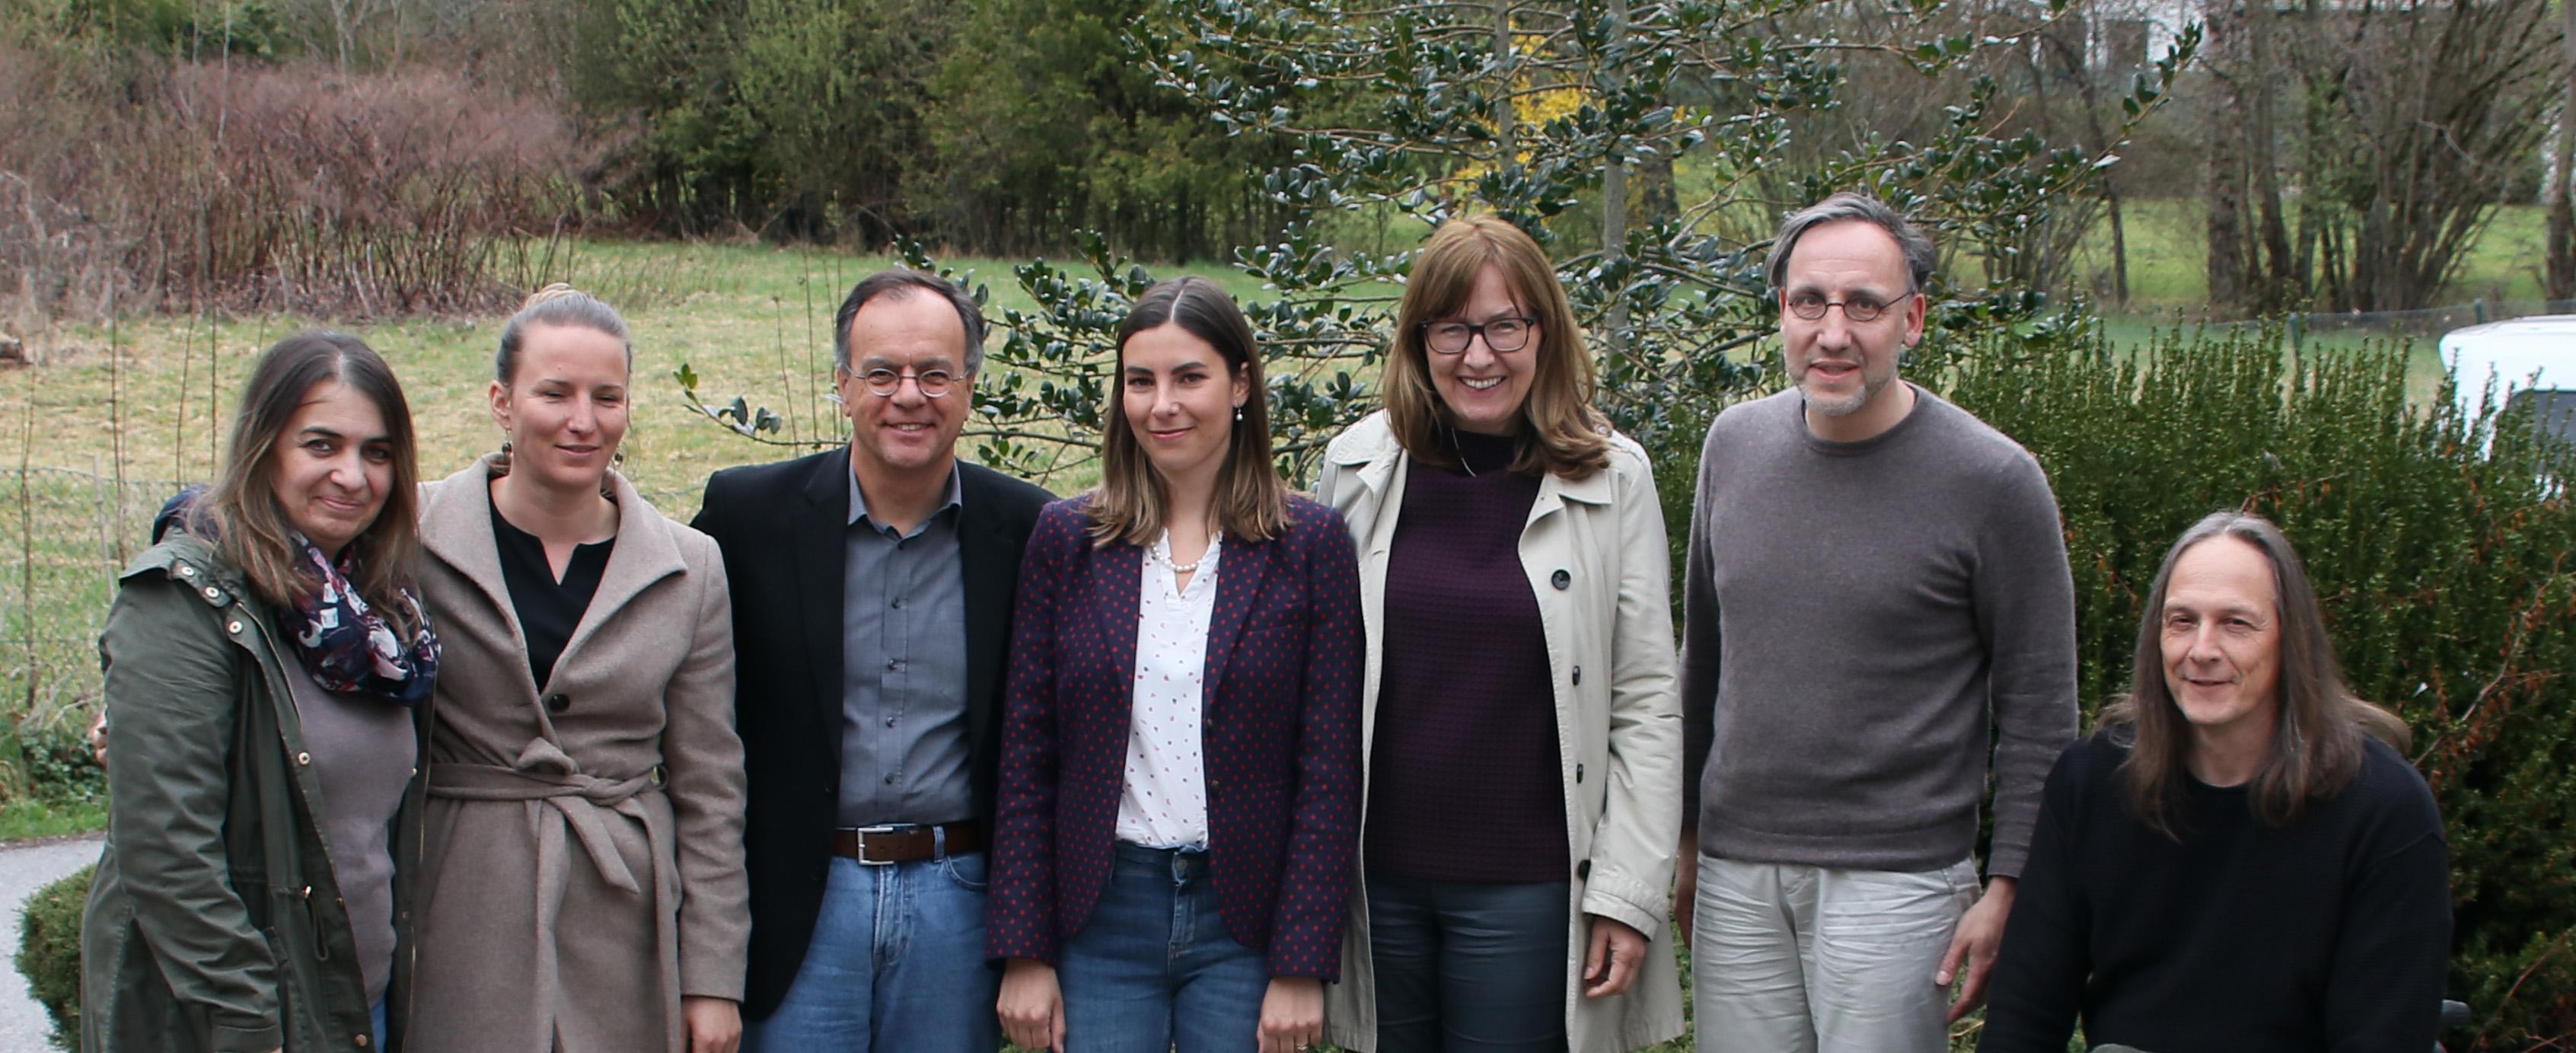 Foto: Team des Arbeitsberichs Sozialpädagogik und Inklusionsforschung